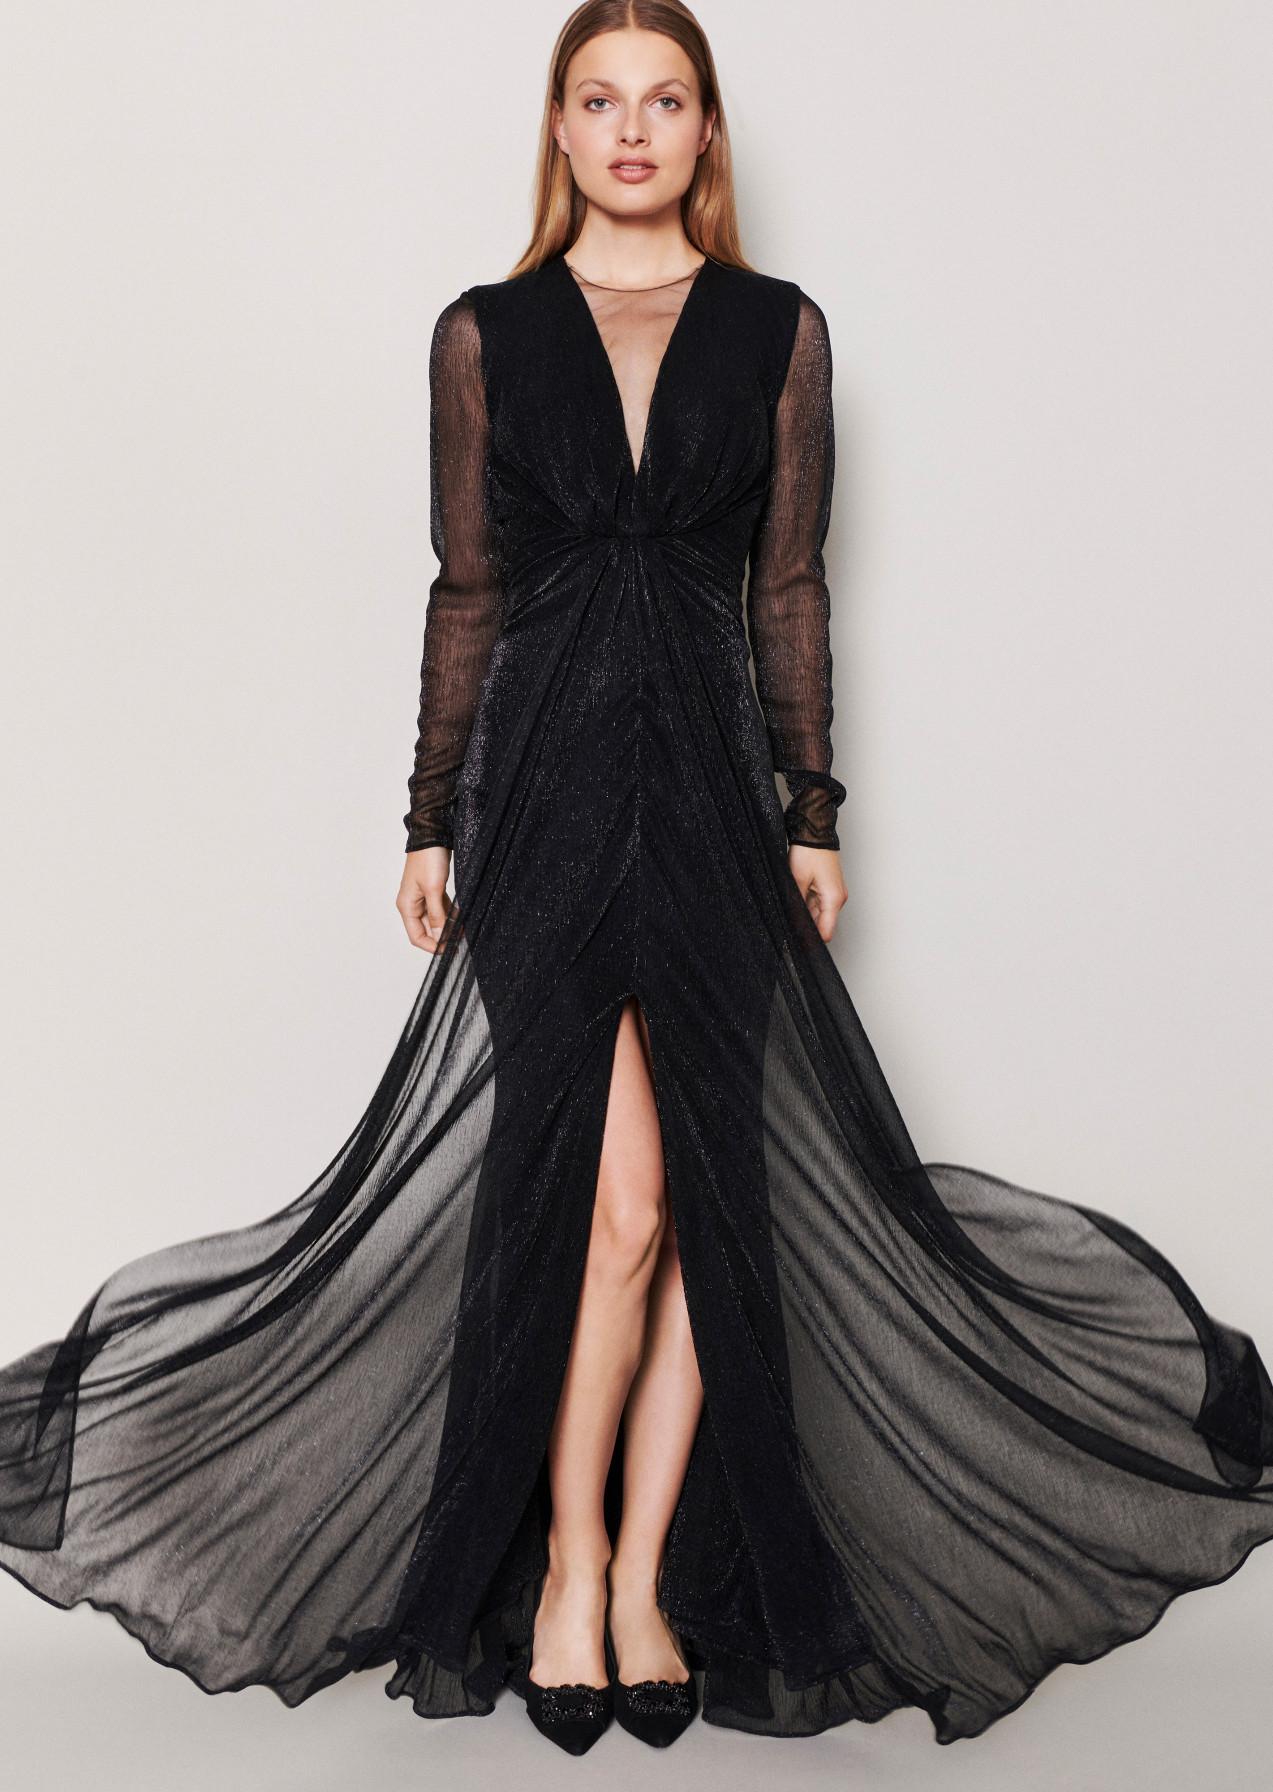 Abendkleid Nominee6 l Designer-lange kleider l Talbot ...